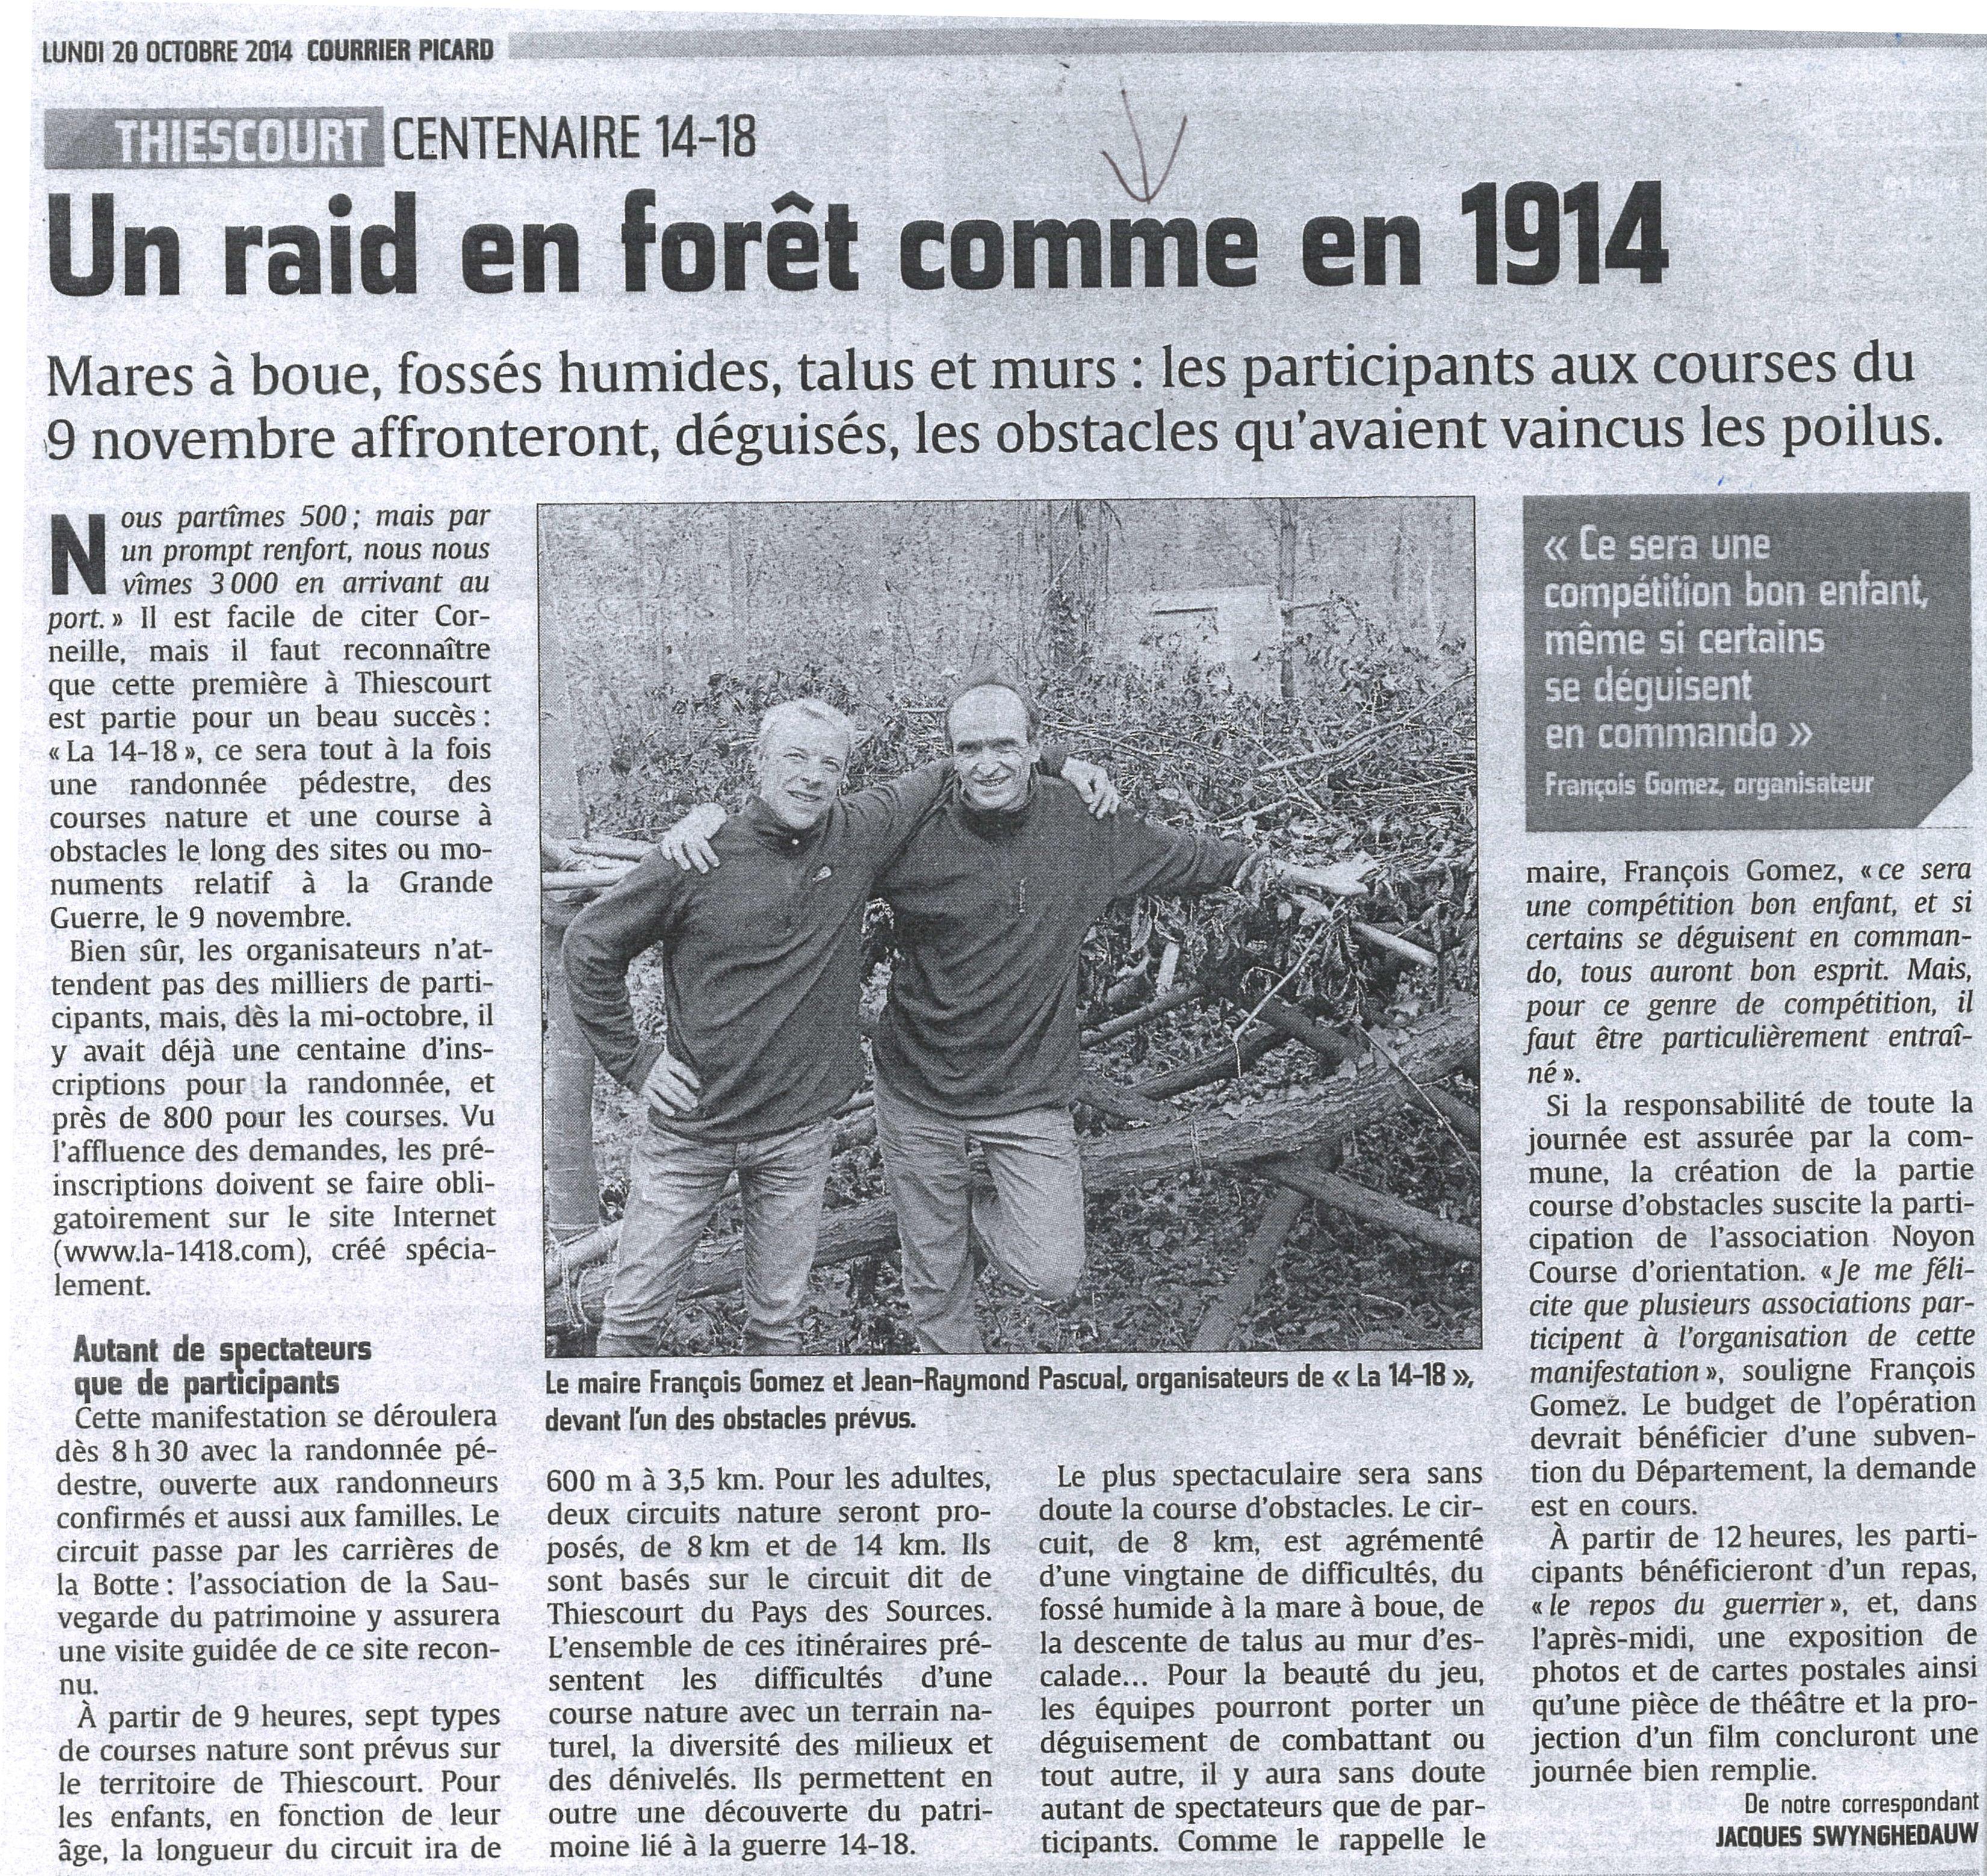 Un mois avant la manifestation 'La 14-18 de Thiescourt'